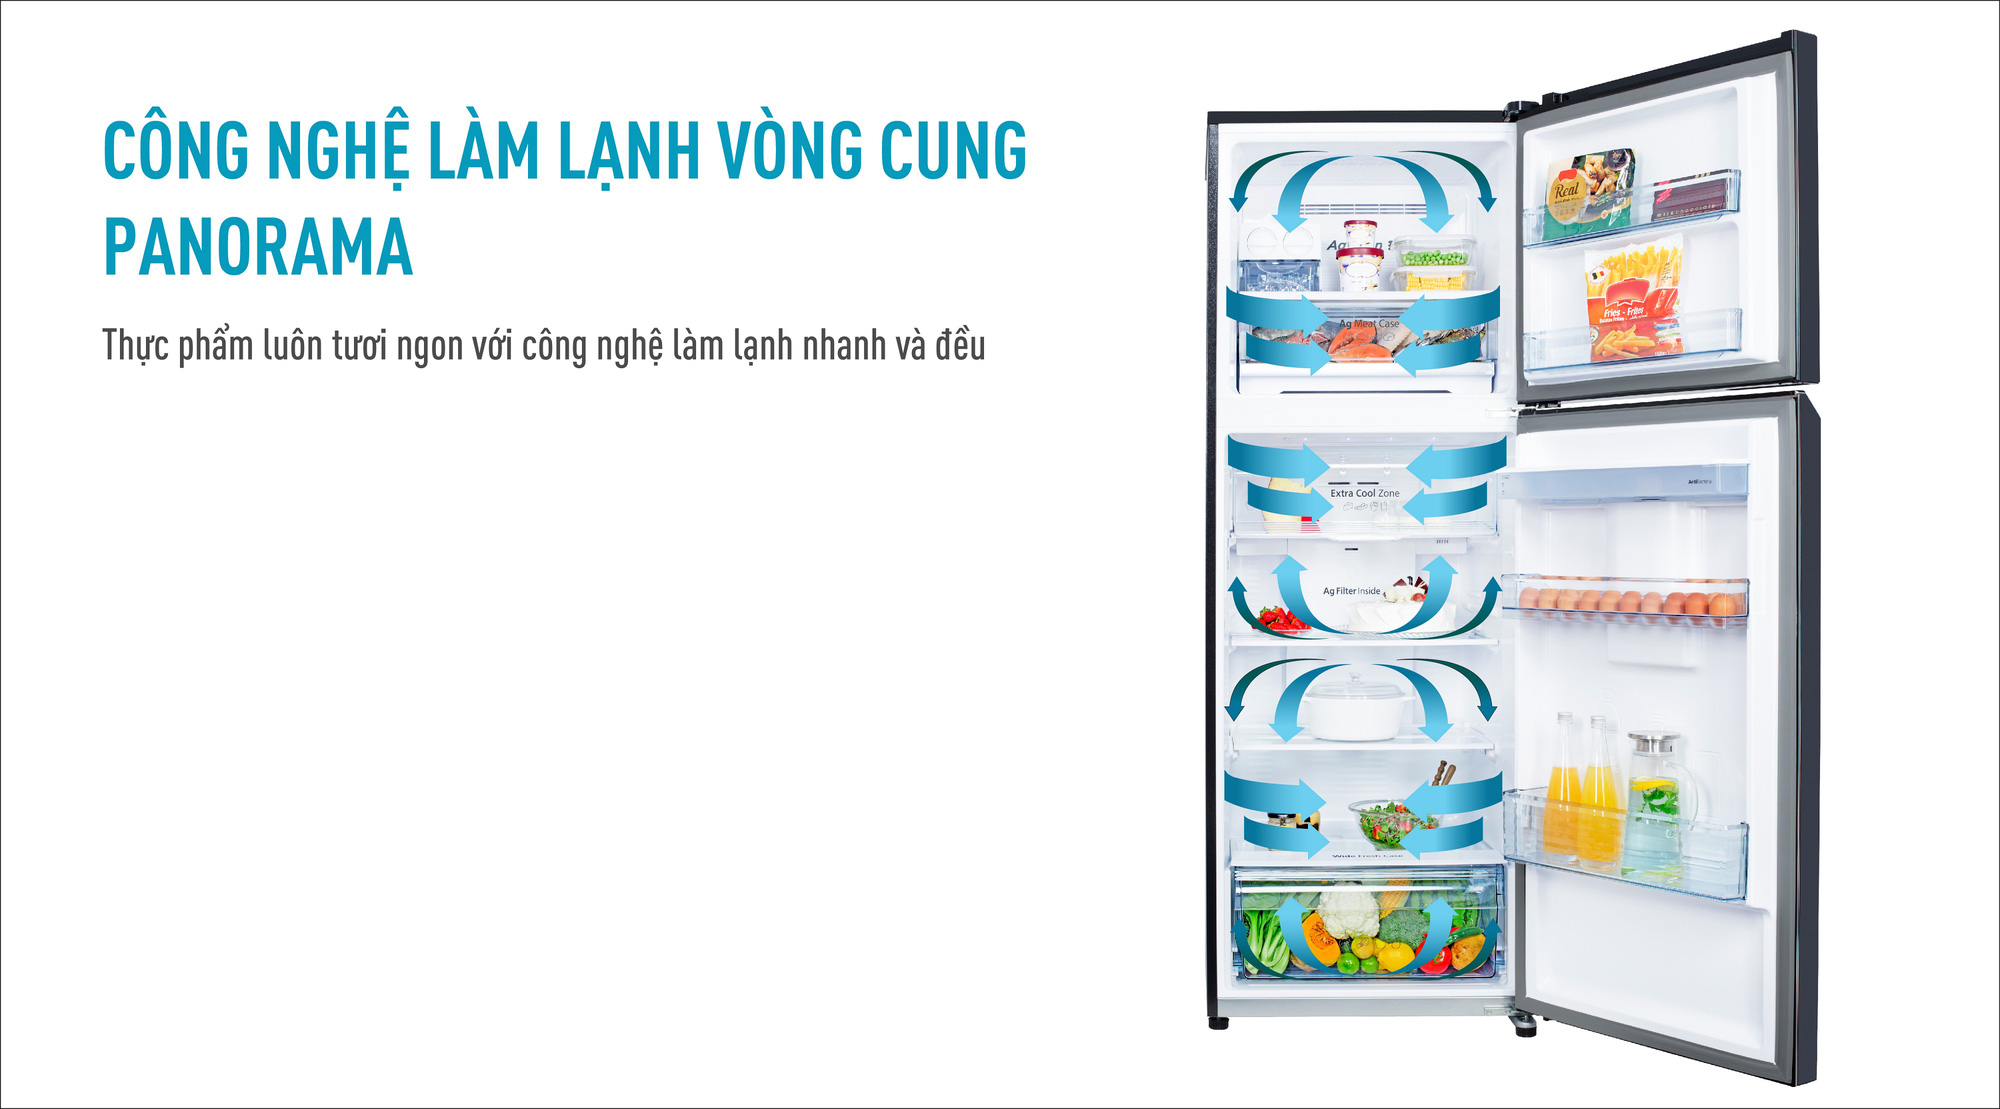 Tủ lạnh kháng khuẩn trong tầm giá: Có nên chọn Panasonic? - Ảnh 2.